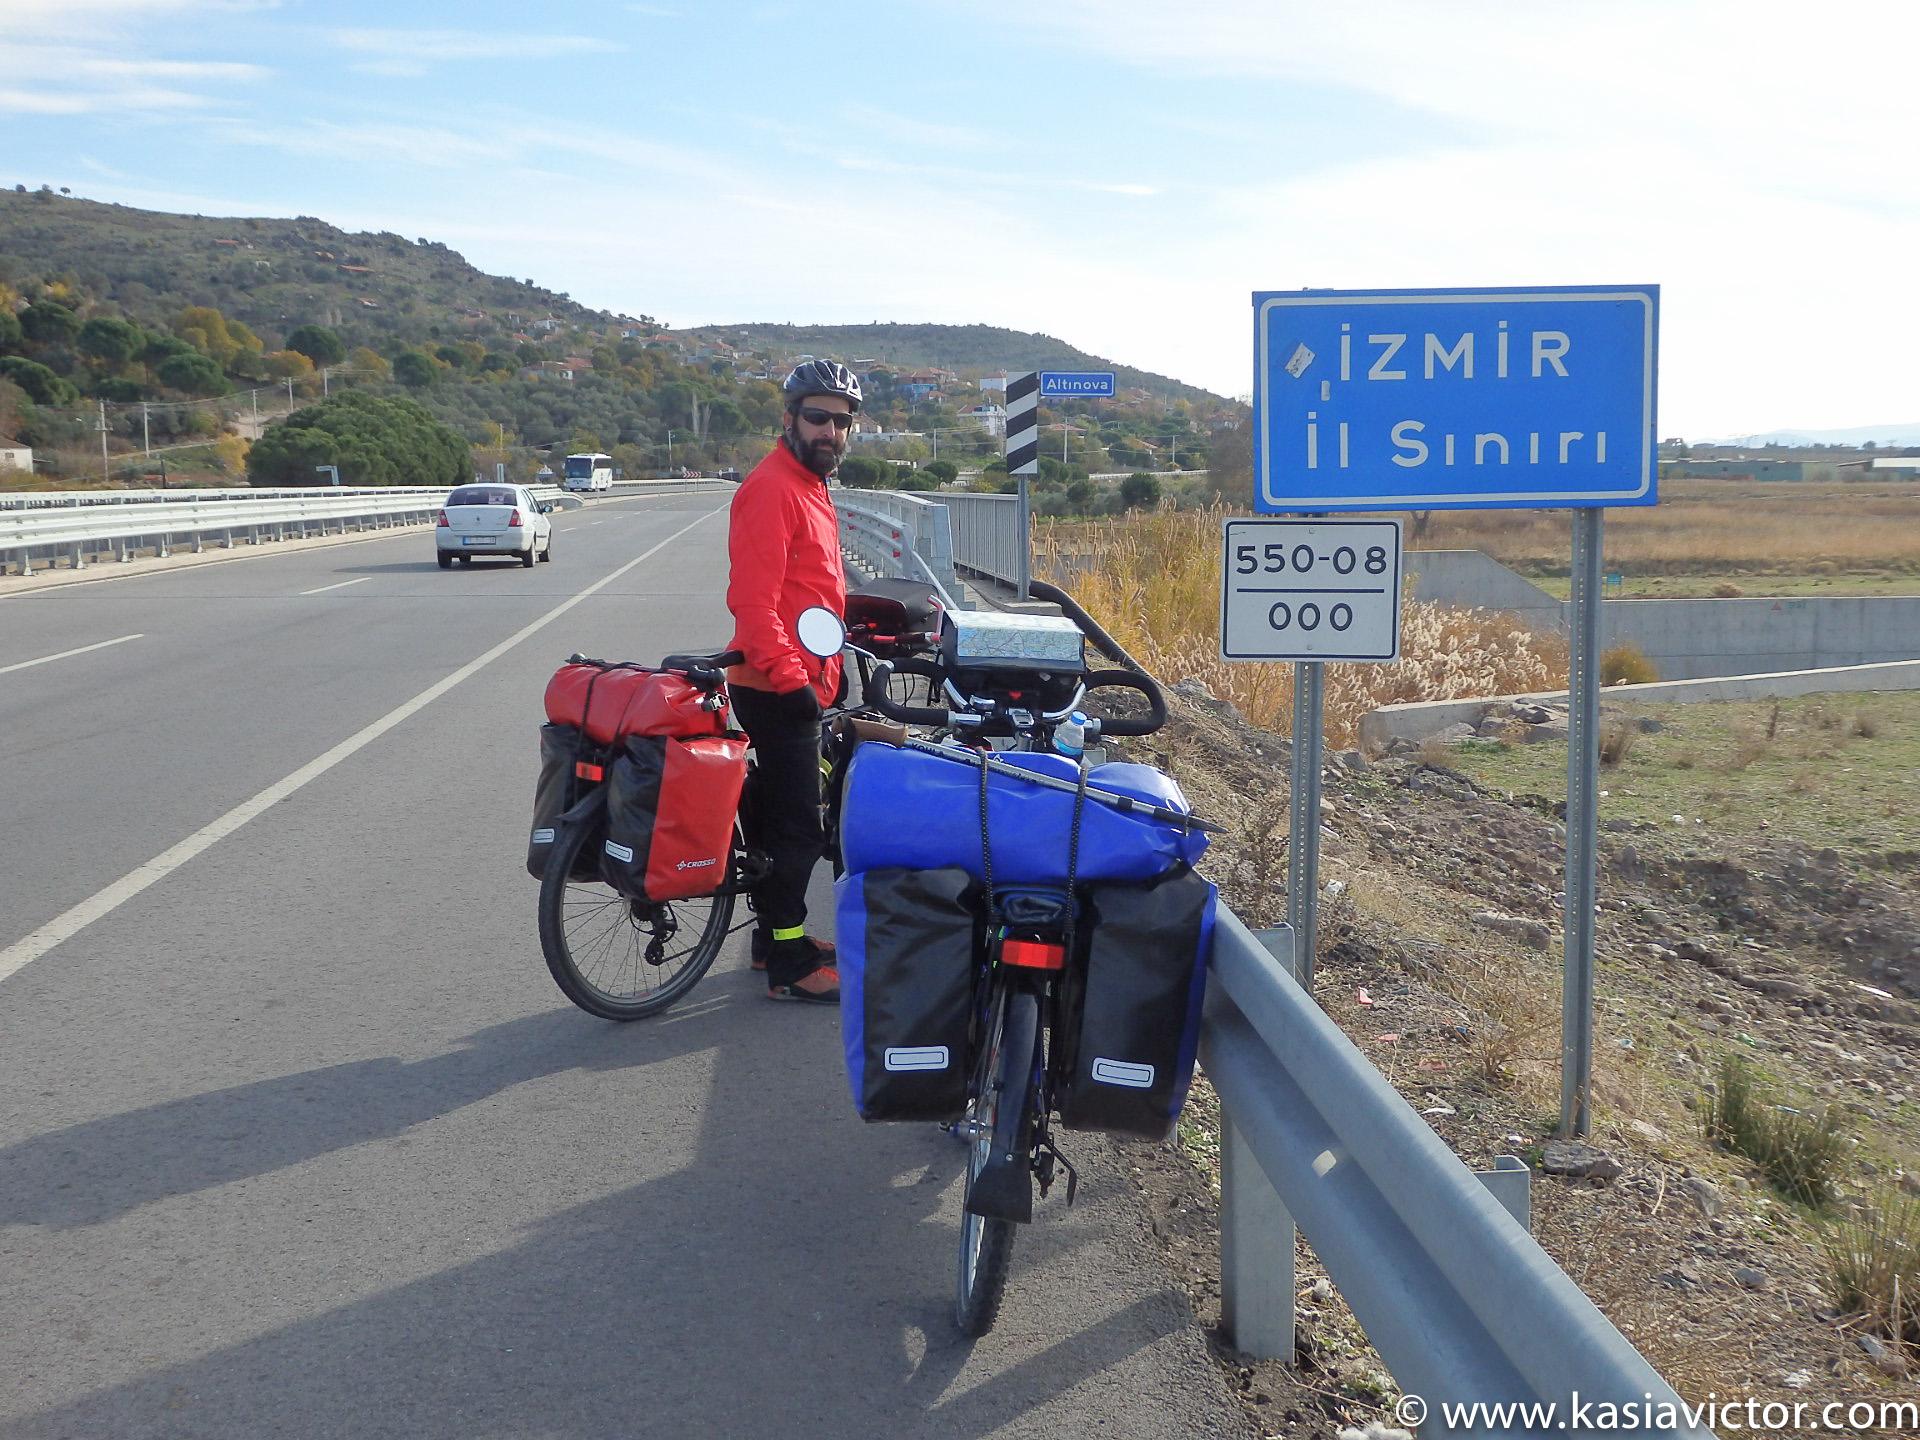 Entering The Izmir Region